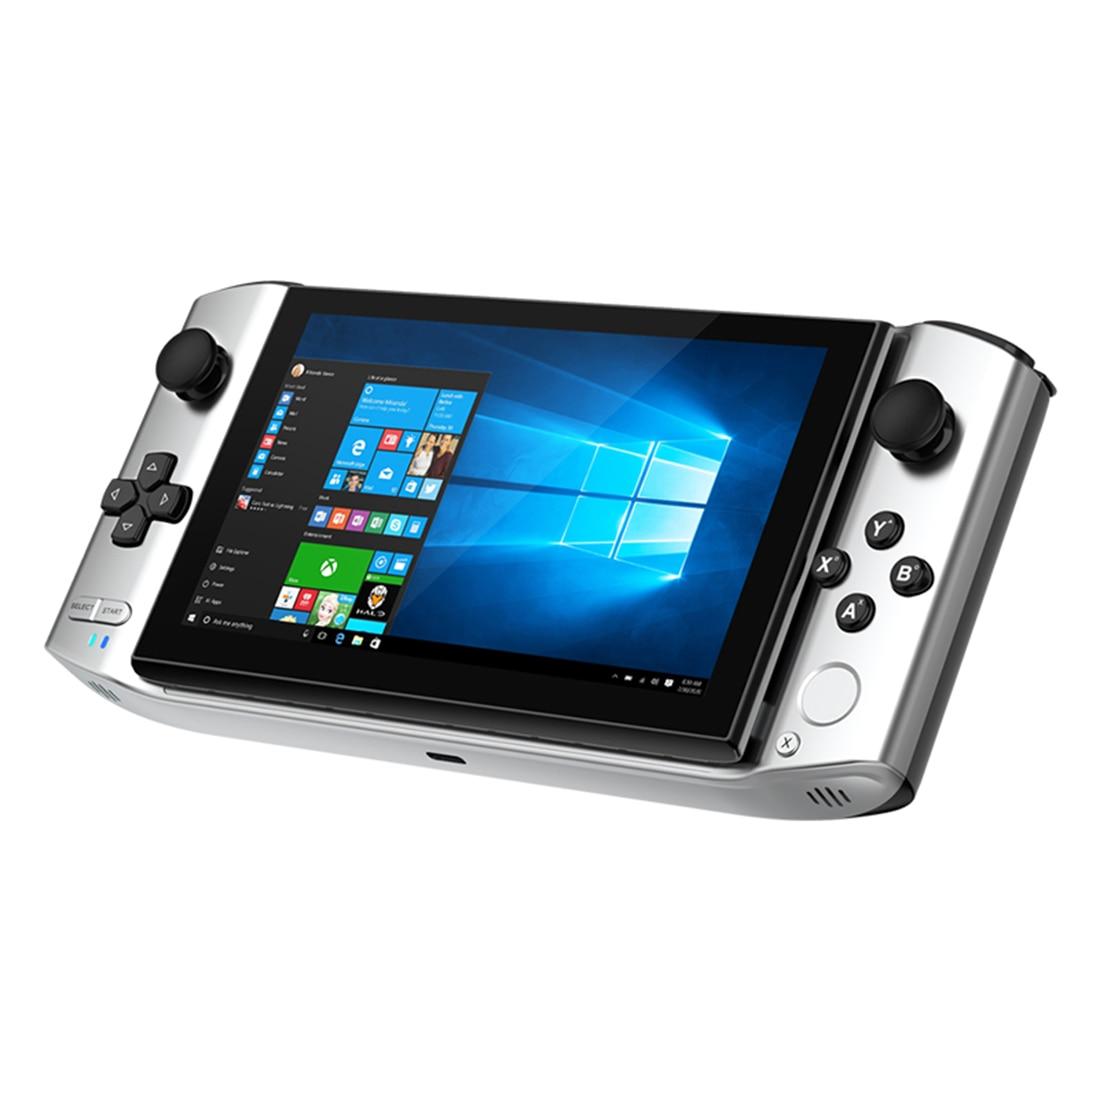 GPD WIN3 وحدة تحكم بجهاز لعب محمول اللاعبين كمبيوتر لوحي صغير محمول ألعاب كمبيوتر لاعب مع Rockers-الفضة الأسود الراقية الإصدار